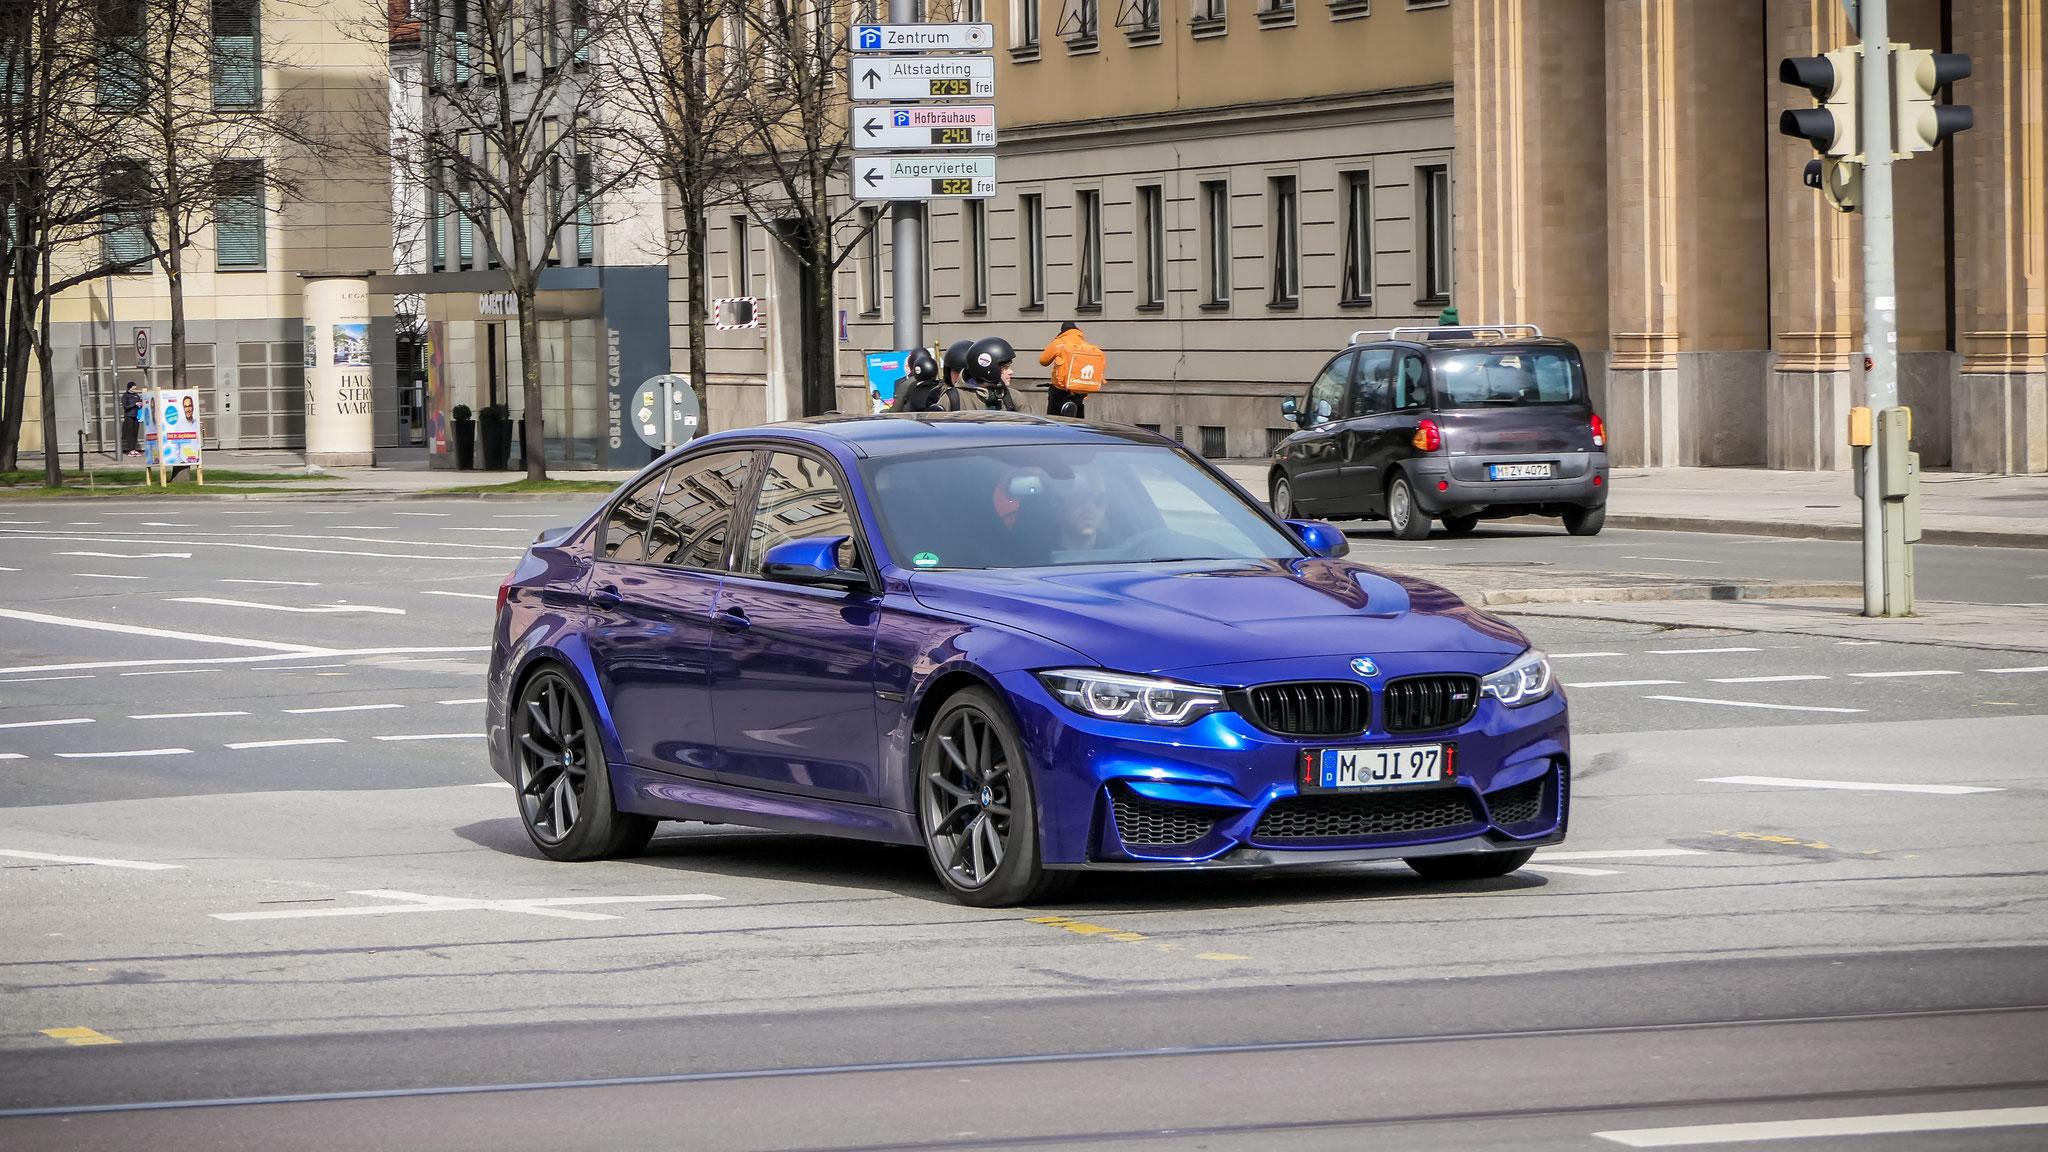 BMW M3 CS - M-JI-97